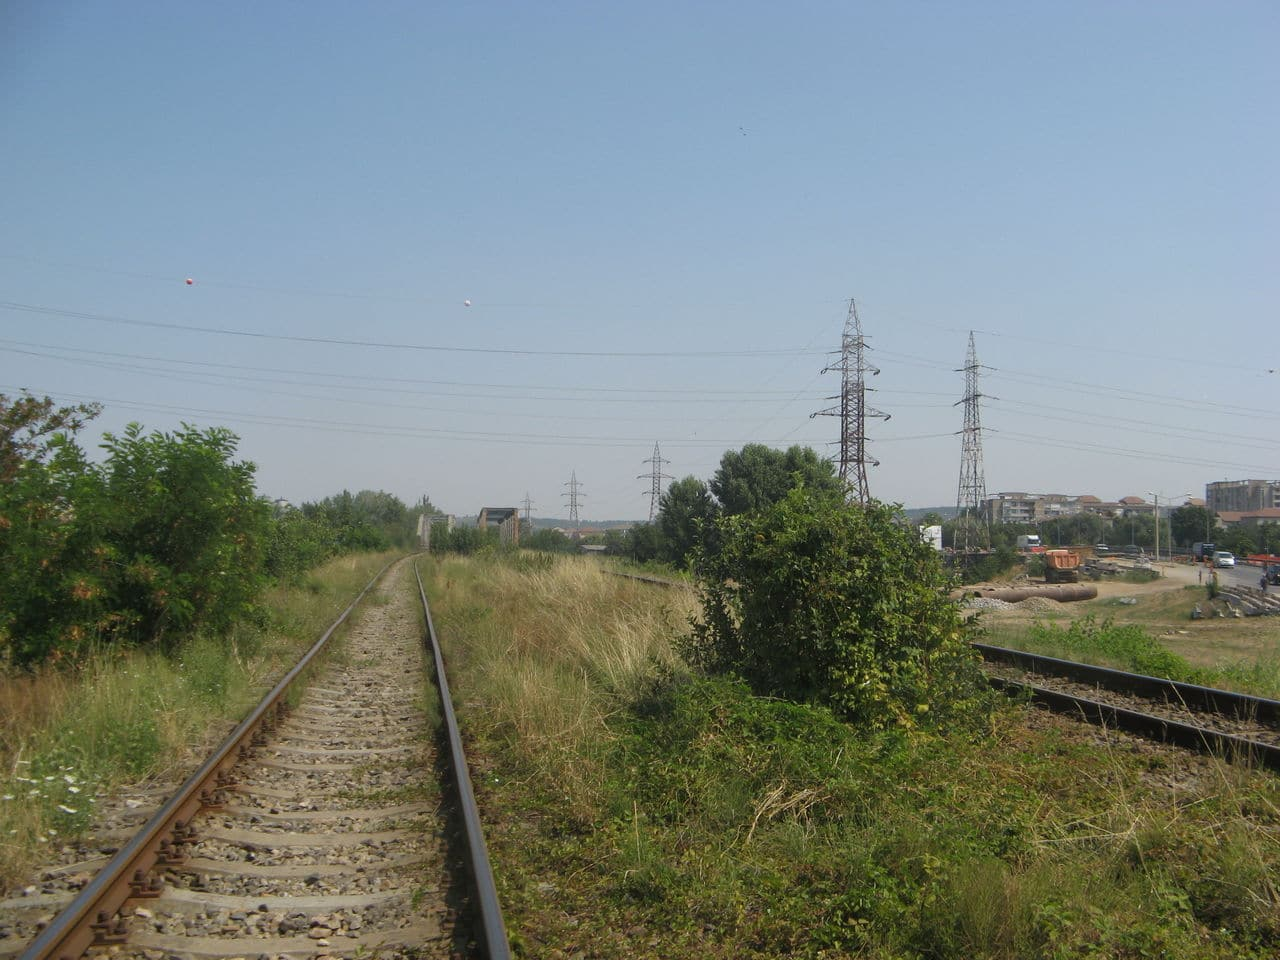 Calea ferată directă Oradea Vest - Episcopia Bihor IMG_0011